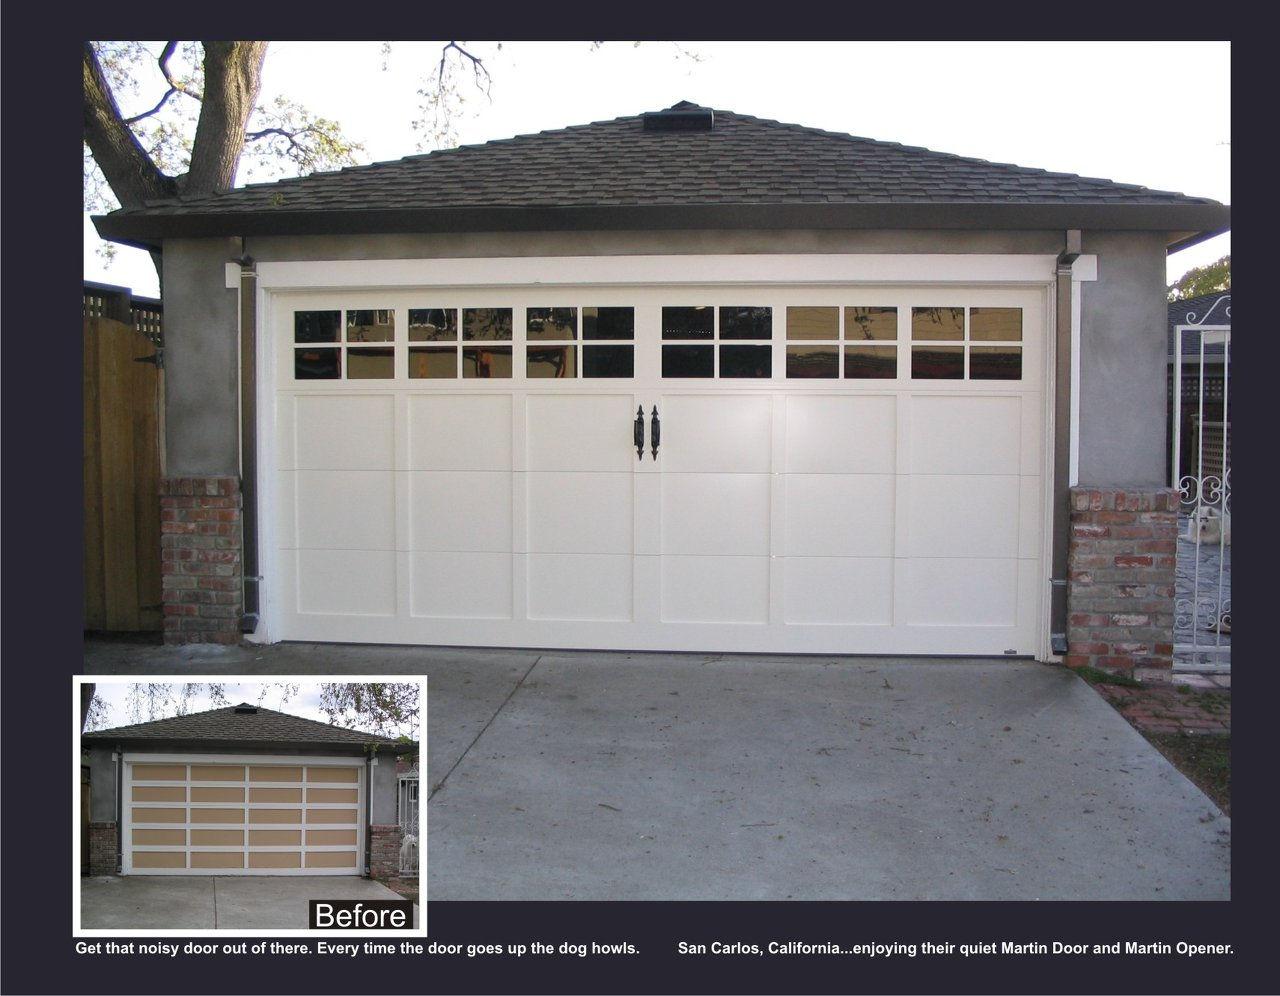 996 #6A5E4C Accent Garage Doors Repair Utah. Wix.com pic Garage Doors In Utah 36111280